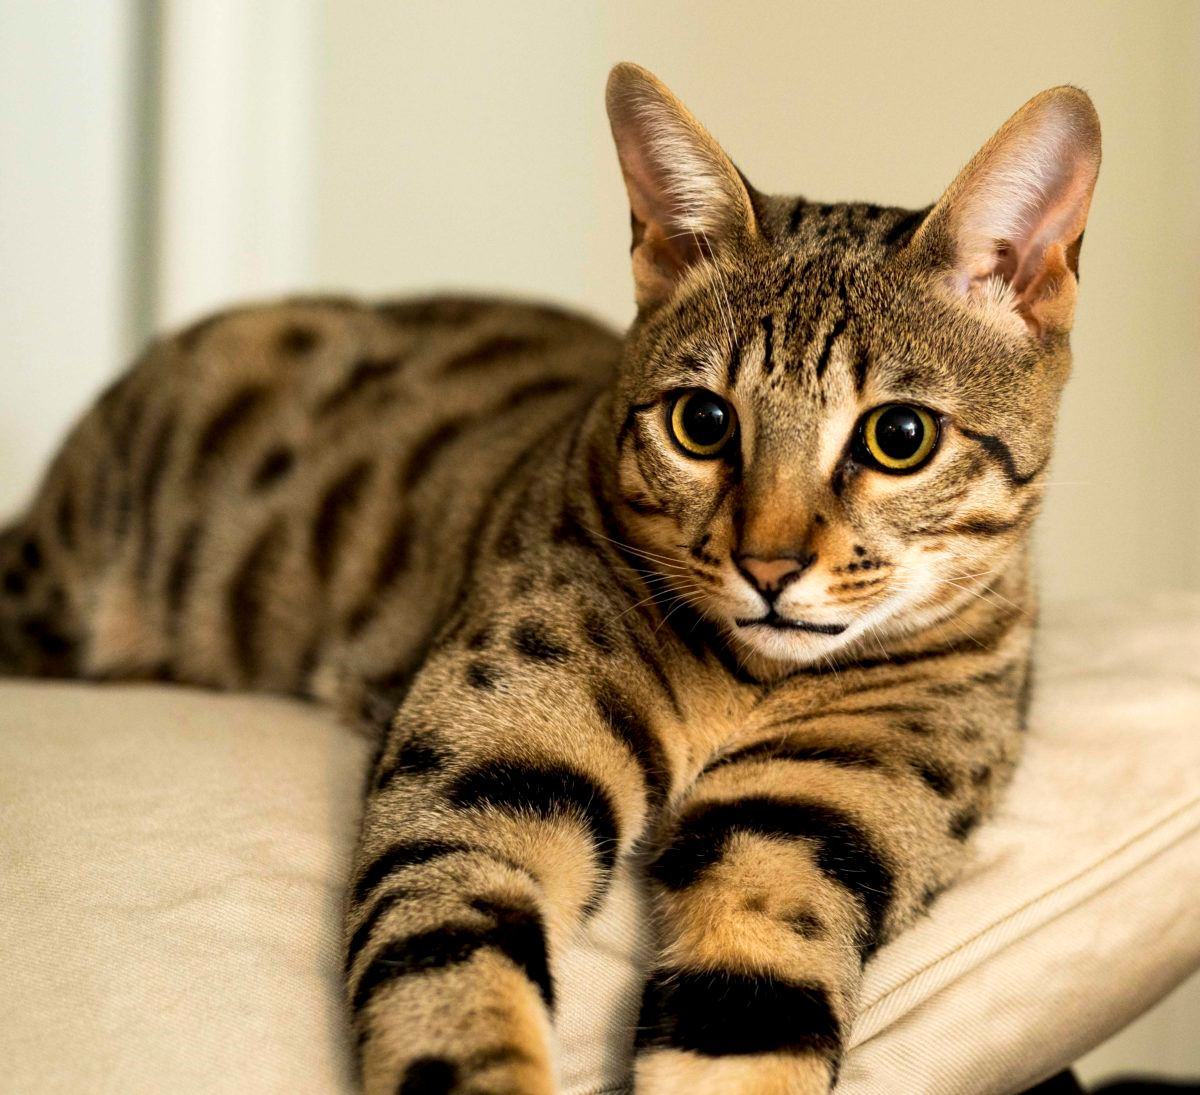 nak beli kucing online, tapi dapat anak harimau pula